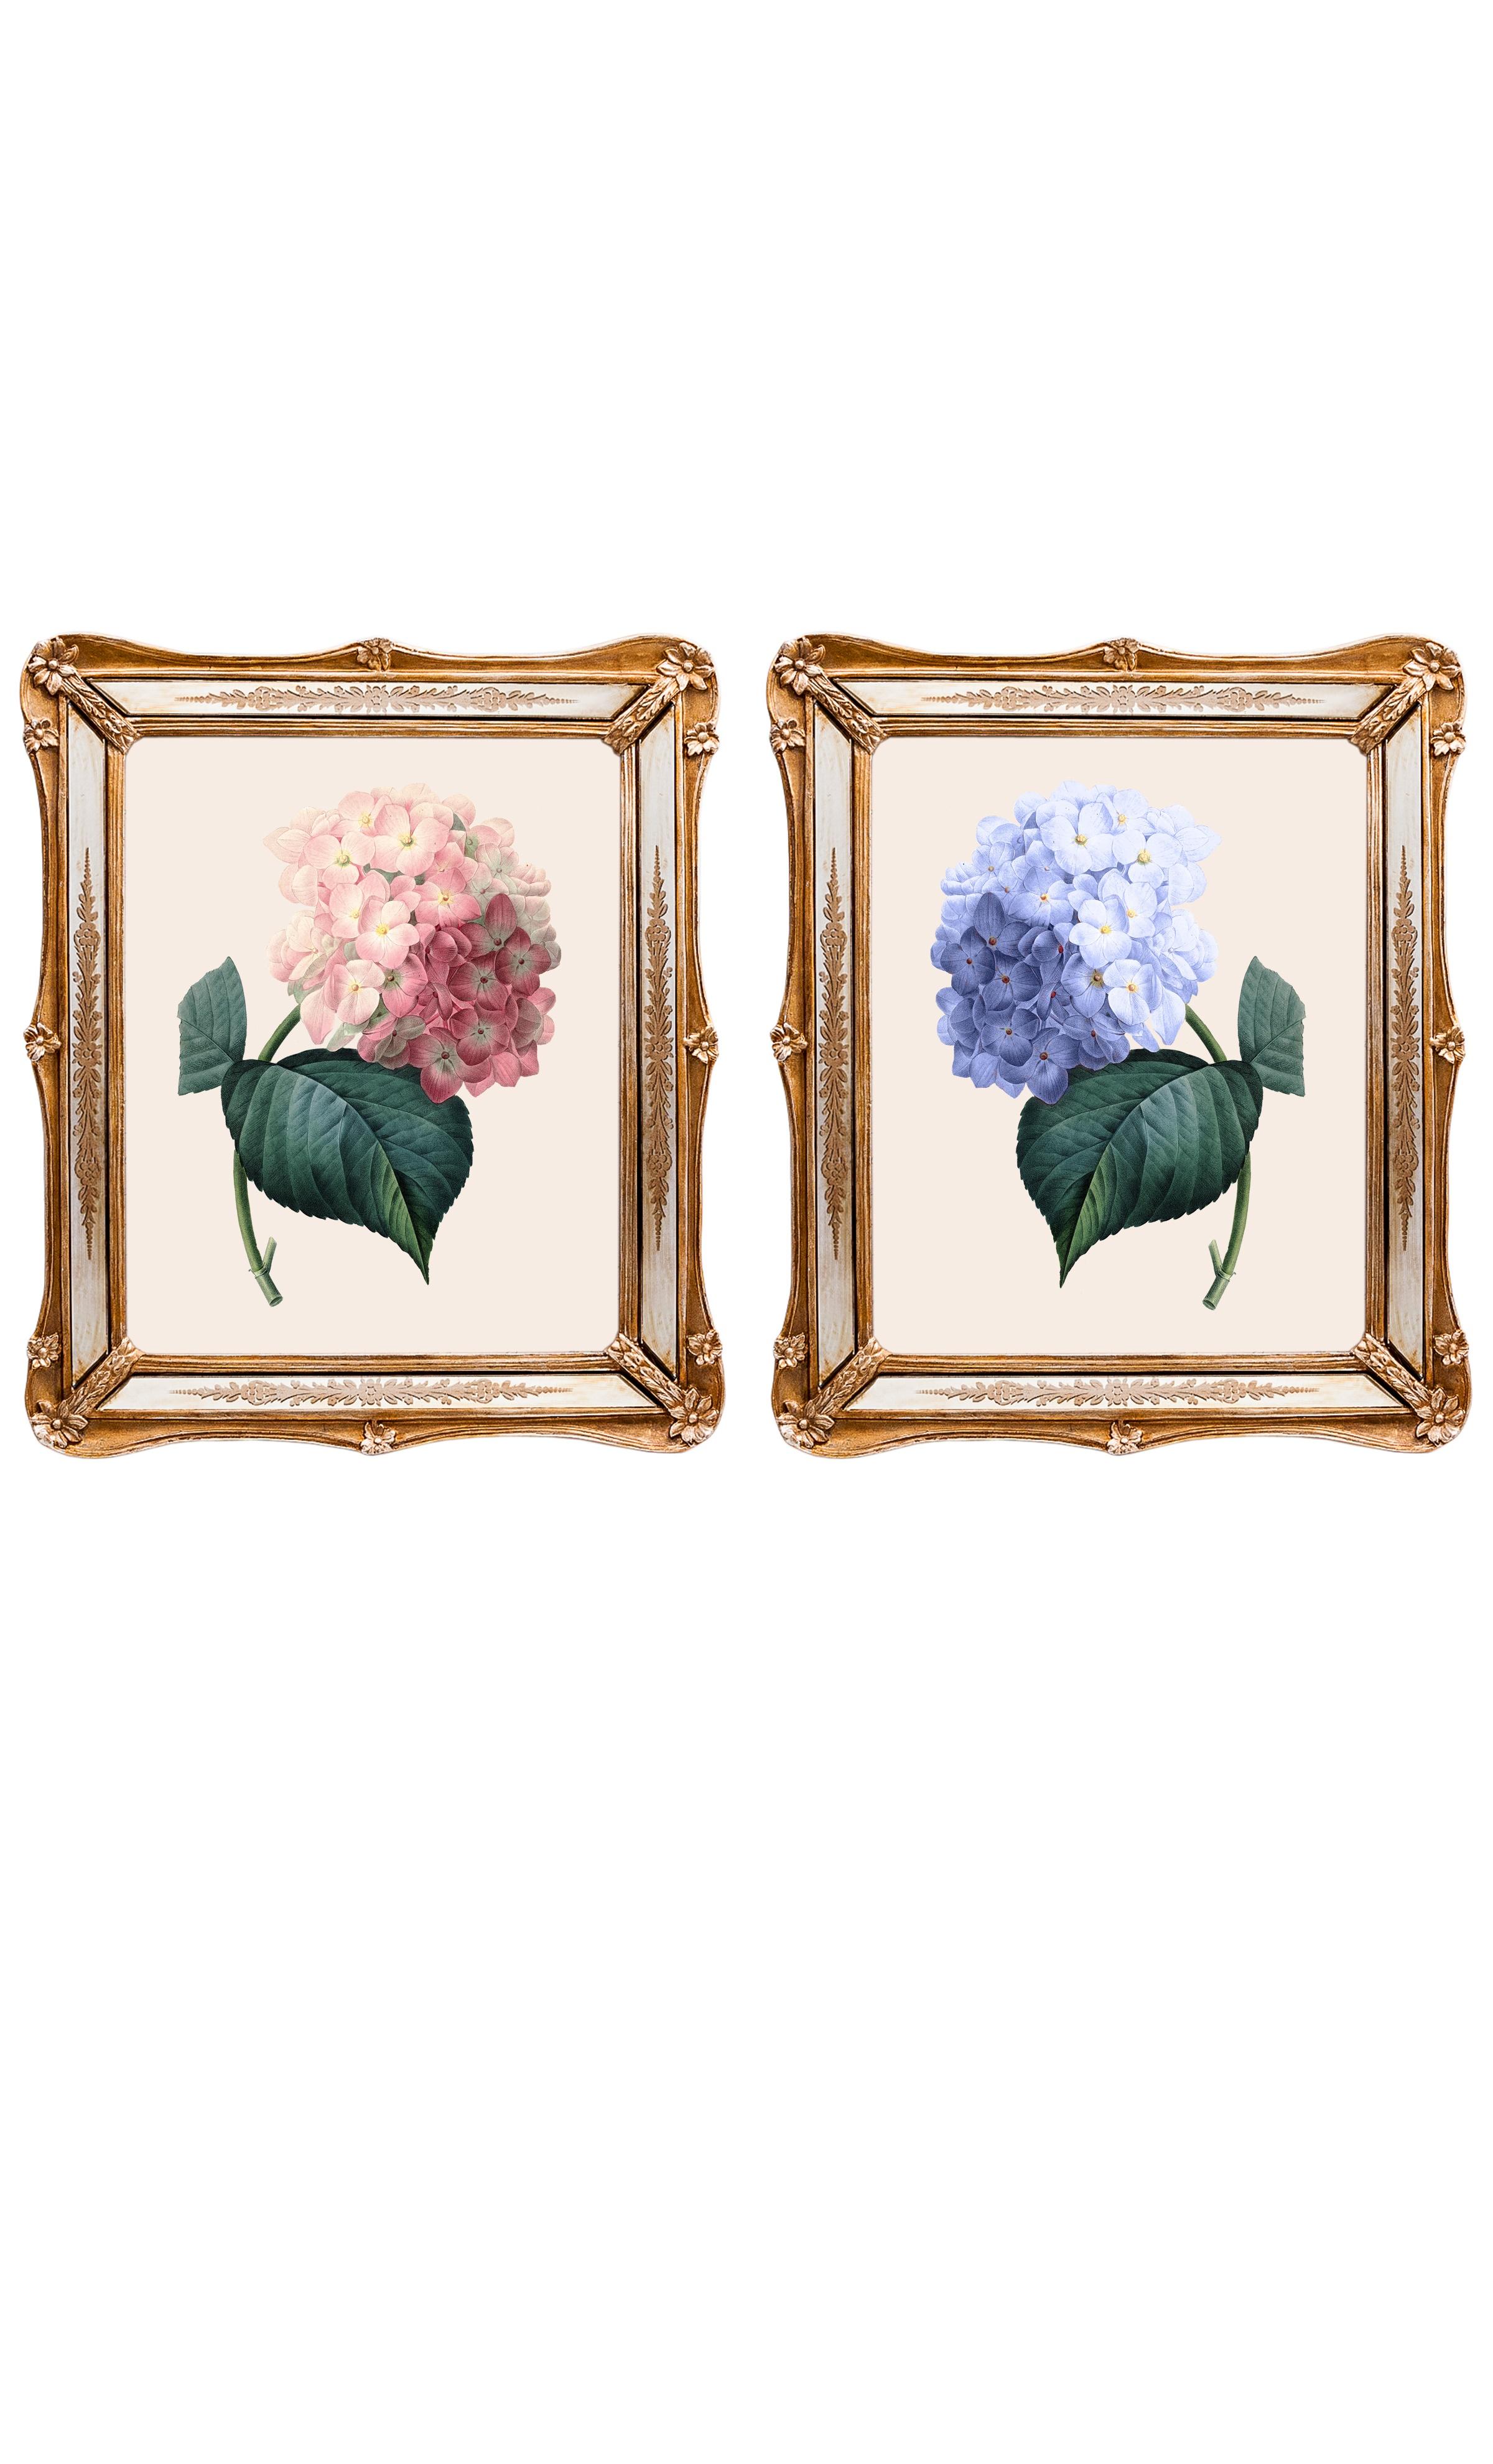 Набор из двух репродукций старинных картин в раме Софи. Удивительные цветы 7Картины<br>&amp;lt;div&amp;gt;Репродукции акварелей французского художника Пьера-Жозефа Редуте, которого называли «Рафаэлем цветов», остаются так же свежи в начале 21 века, будто написаны совсем недавно. Они добавляют в интерьер нотки винтажной красоты, а удивительные цветы впечатляют своими изысканными формами. Репродукции акварелей в рамах с зеркальными вставками и золотым рельефом фантастически преображается в освещенном солнцем интерьере. Картины можно повесить на стену, а можно поставить, например, на стол или камин. Защитный стеклянный слой сохранит изображение от воздействий окружающей среды. Если Вам захочется обновить интерьер, Вы можете с легкостью заменить изображение картины!&amp;lt;/div&amp;gt;&amp;lt;div&amp;gt;&amp;lt;br&amp;gt;&amp;lt;/div&amp;gt;&amp;lt;div&amp;gt;Изображение - дизайнерская бумага; рама - искуственный камень, зеркальные вставки; защитный слой - стекло&amp;amp;nbsp;&amp;lt;/div&amp;gt;&amp;lt;div&amp;gt;цвет:мультиколор&amp;amp;nbsp;&amp;lt;/div&amp;gt;<br><br>Material: Бумага<br>Width см: 26,5<br>Depth см: 2<br>Height см: 30,5